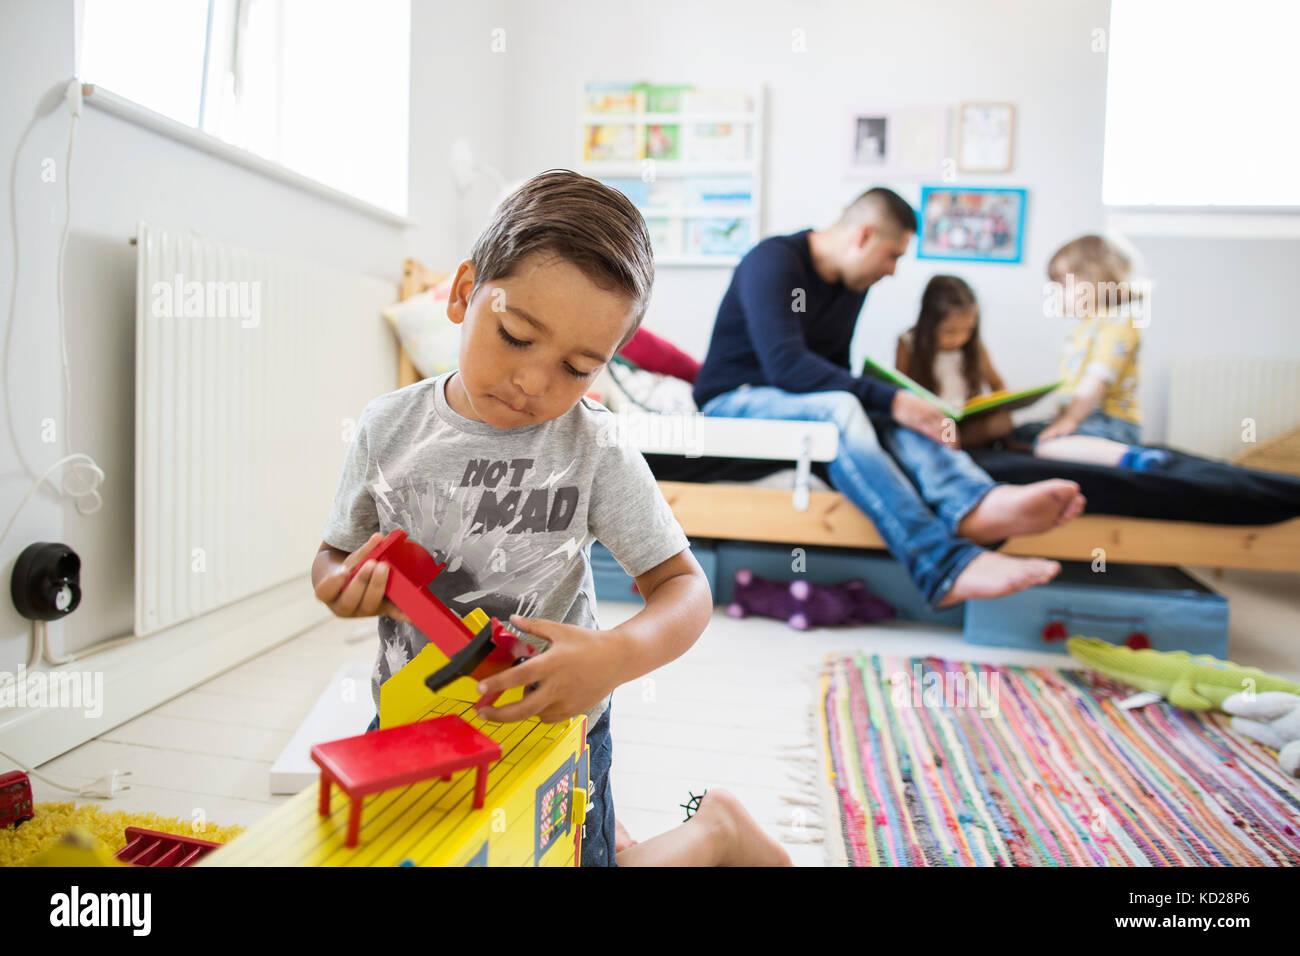 Padre e hijos (2-3, 6-7) jugando en la habitación Imagen De Stock